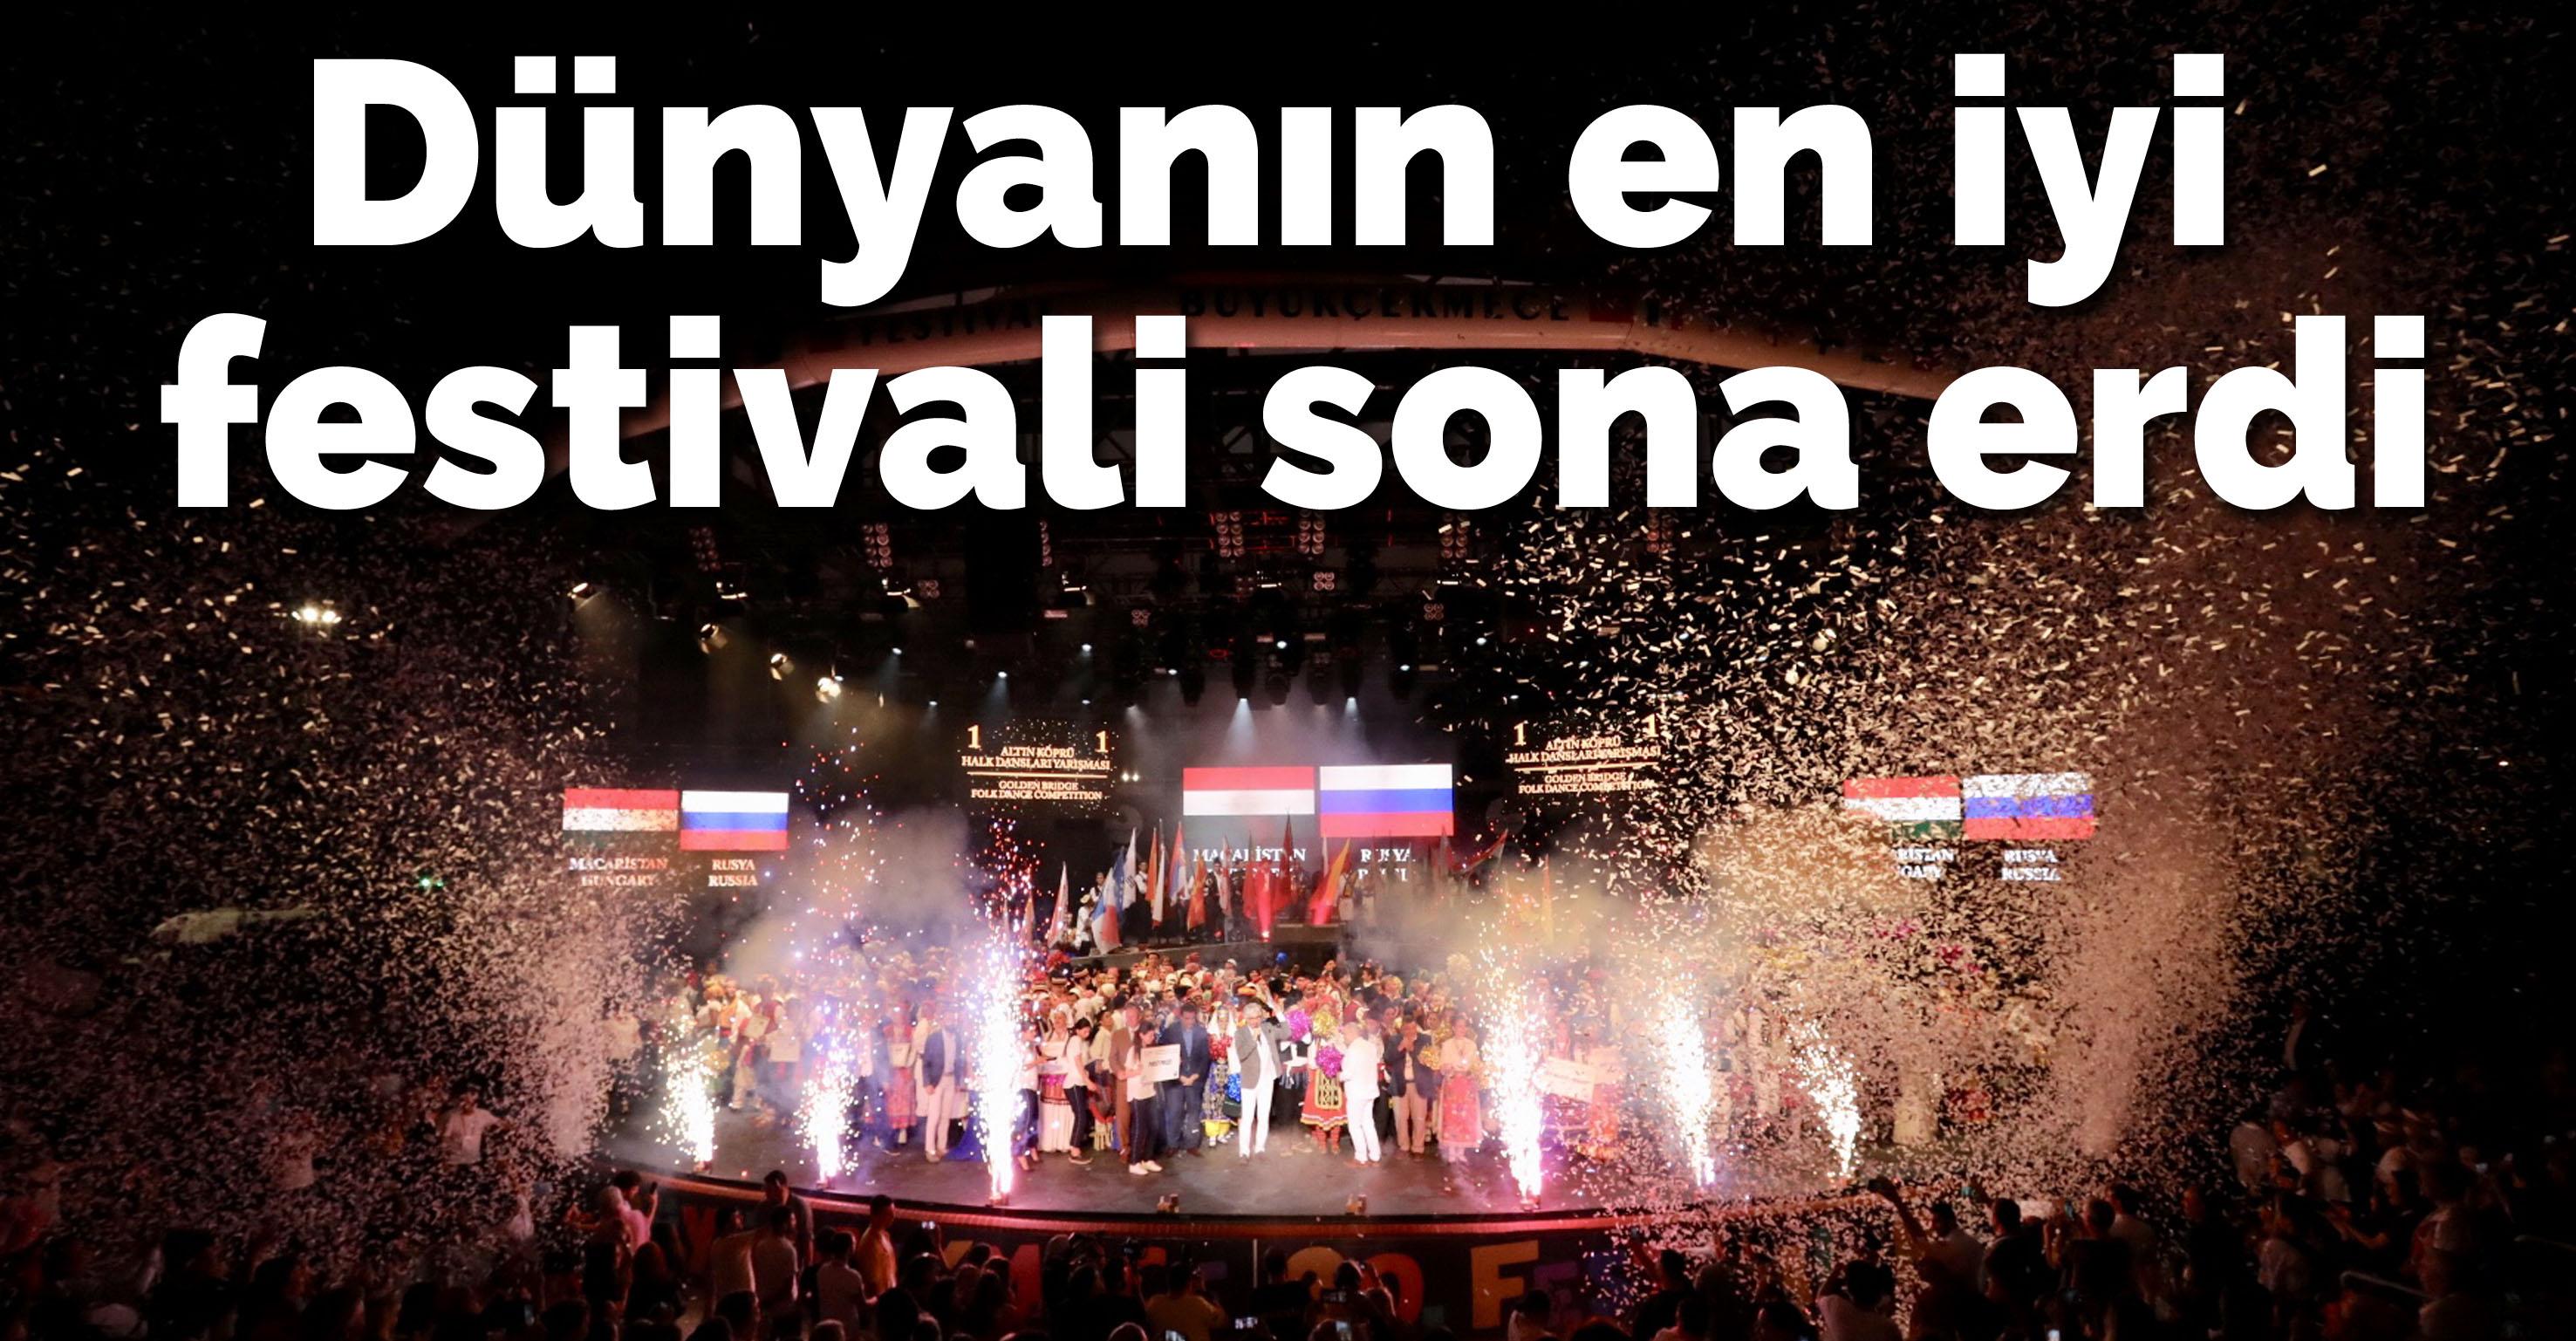 Dünyanın en iyi festivali sona erdi